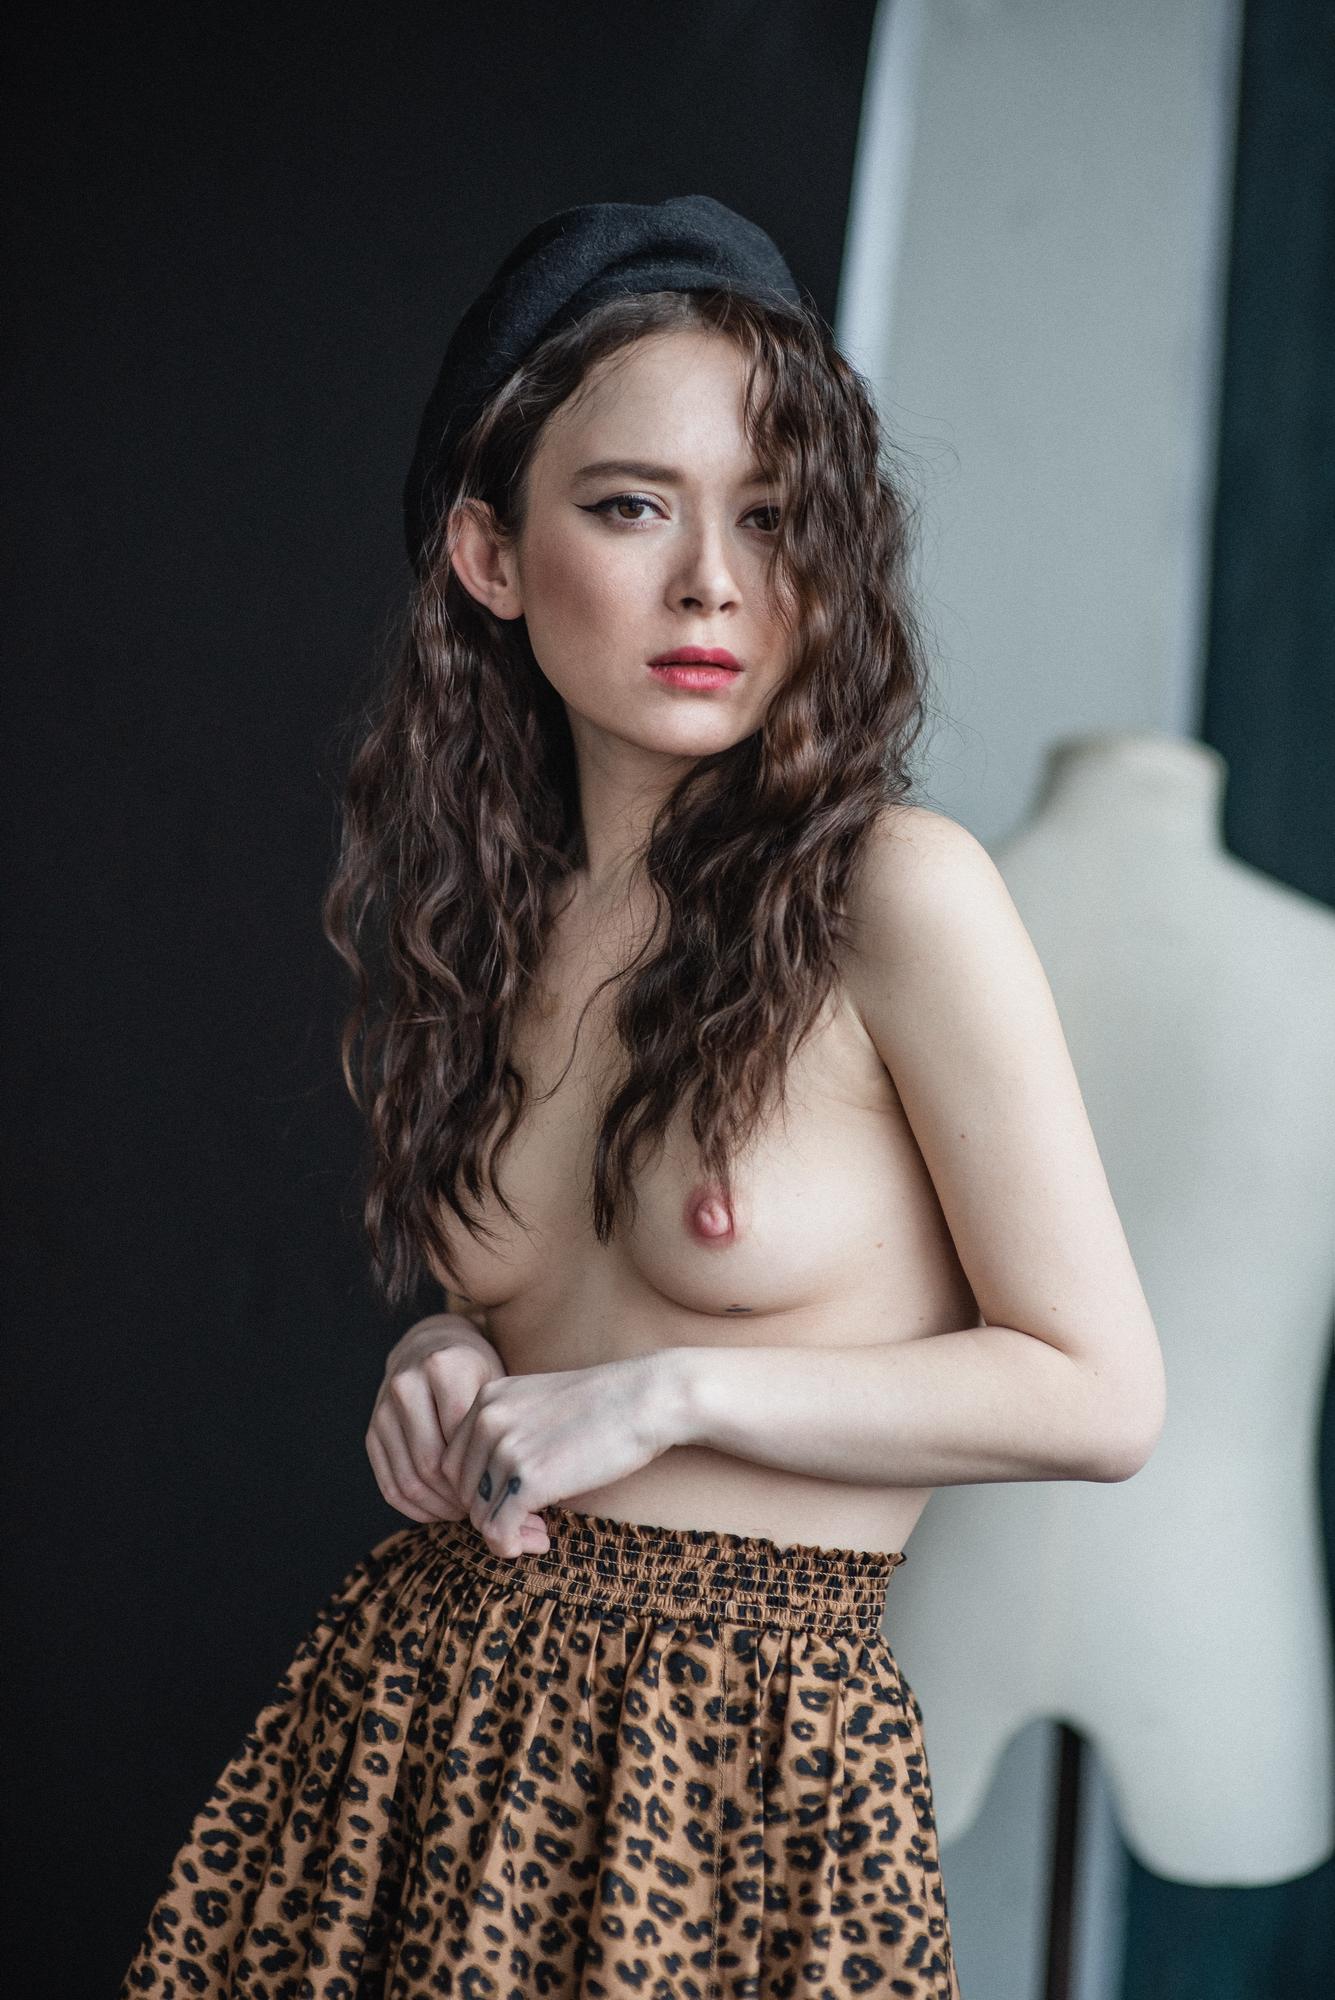 Леопардовая юбочка / фотограф Satin Popalam